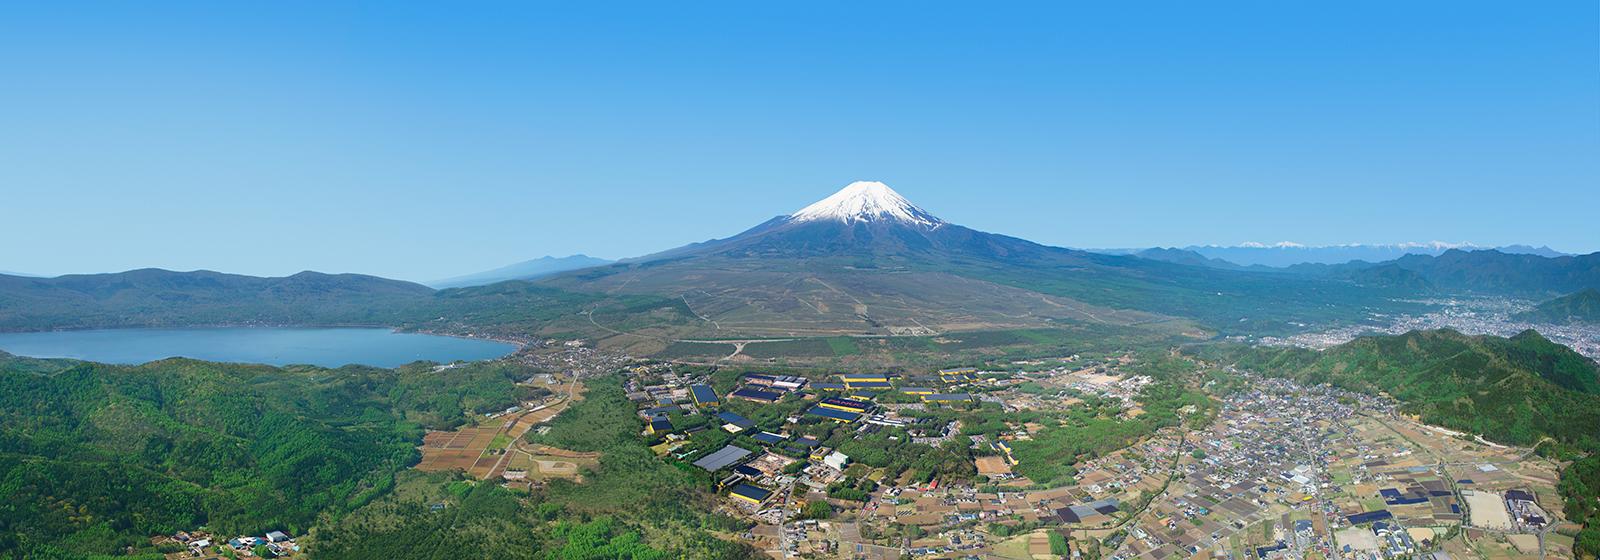 Centrala firmy Fanuc w Japonii